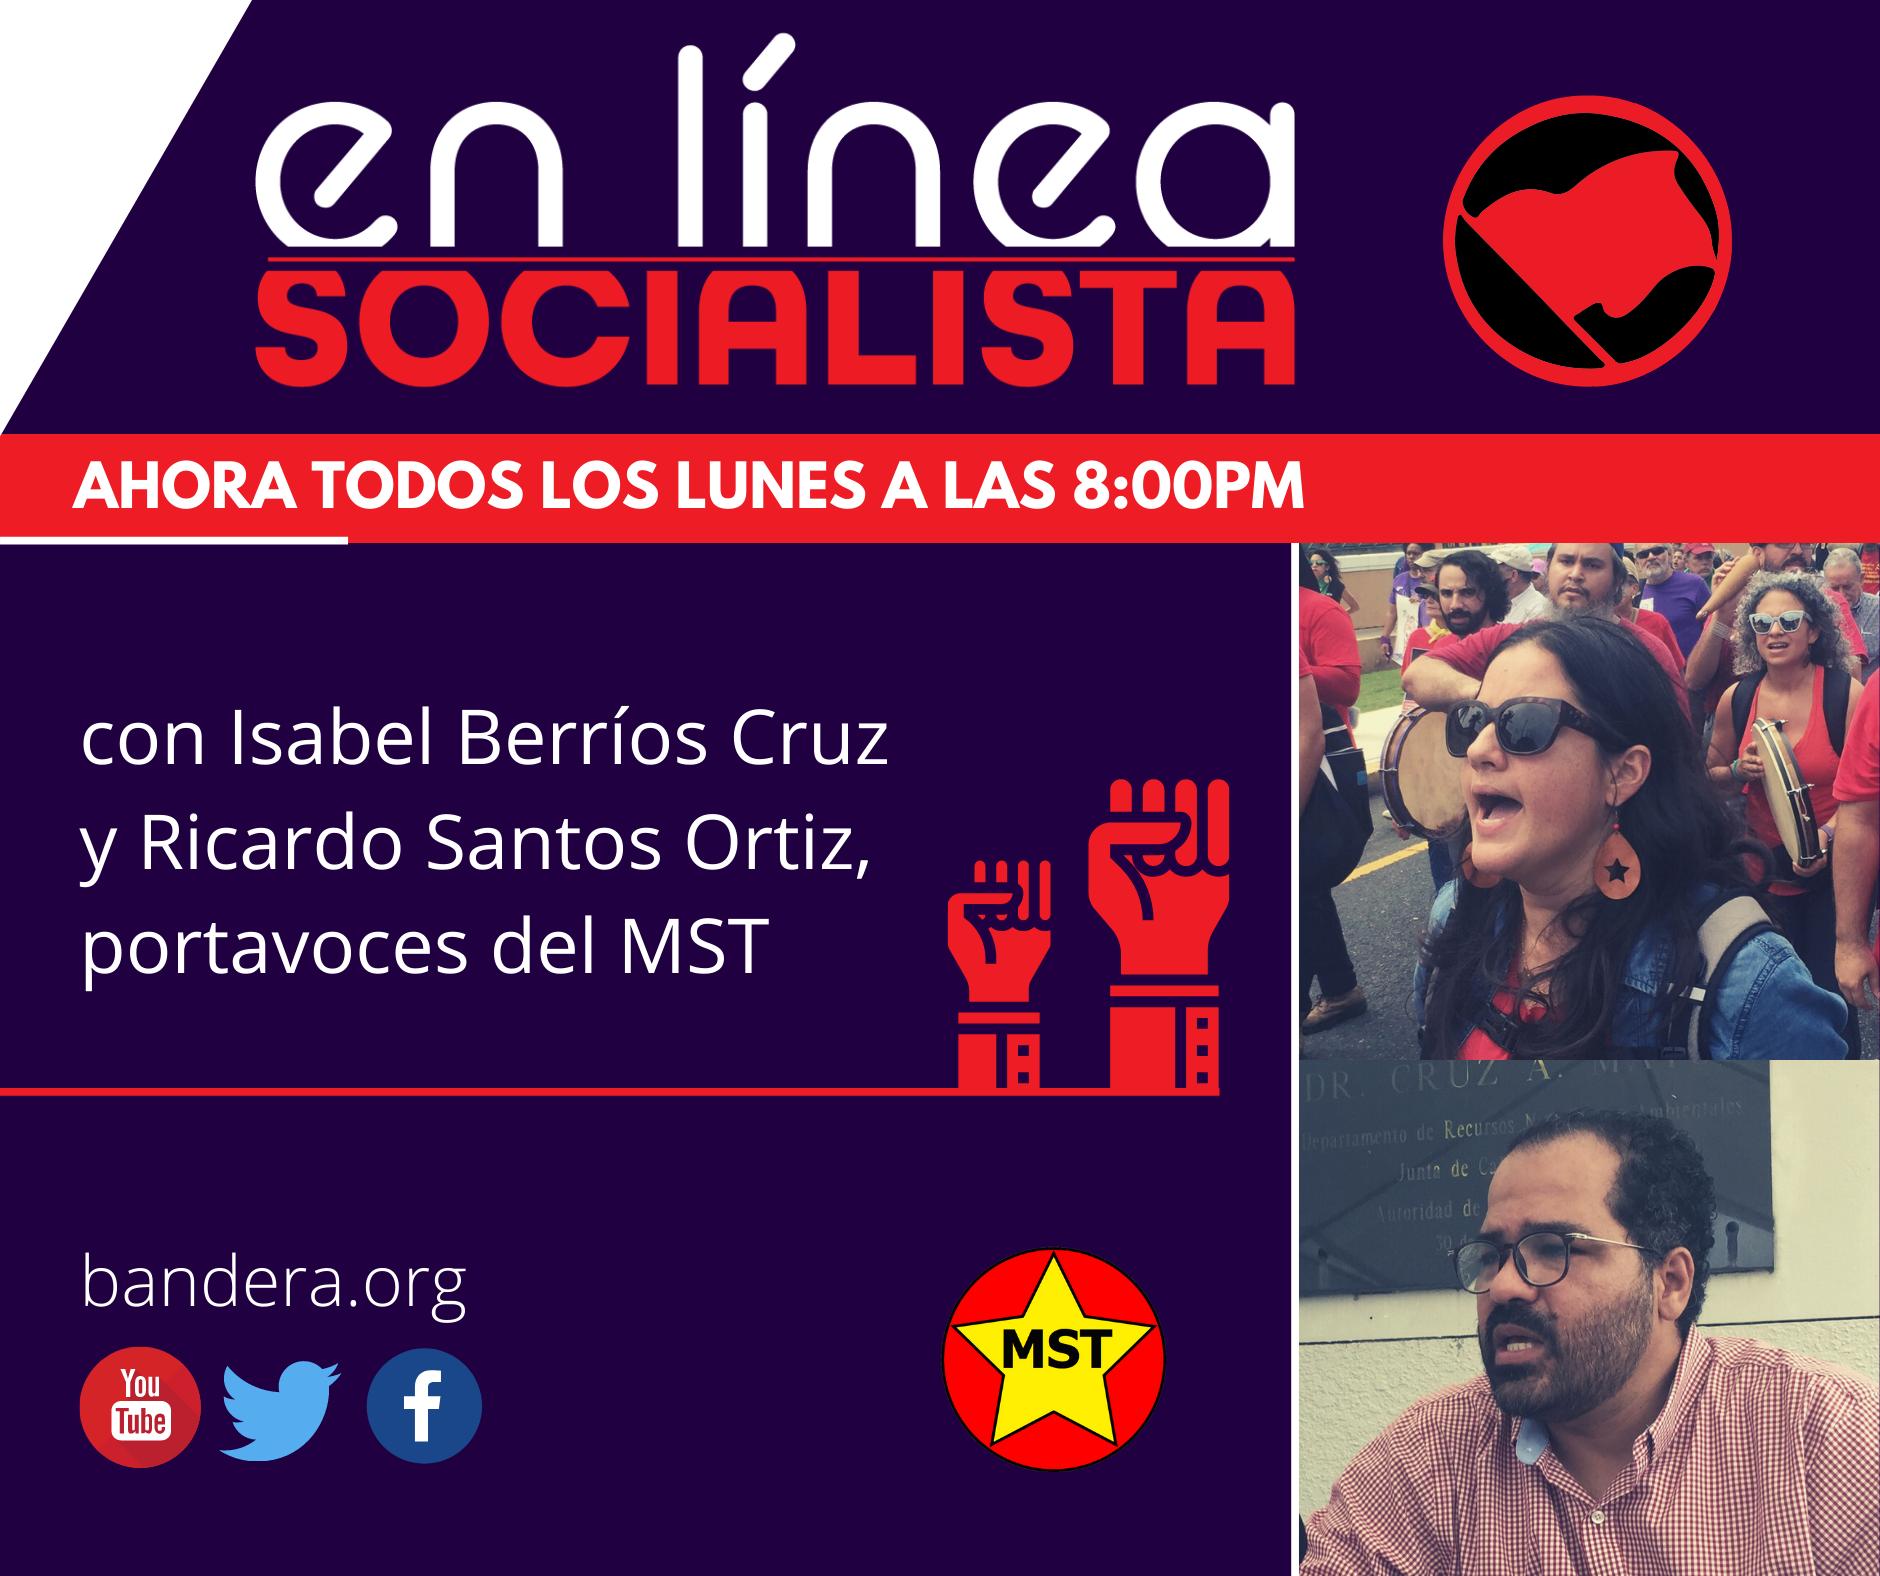 Promoción En Línea Socialista los Lunes 8:00PM